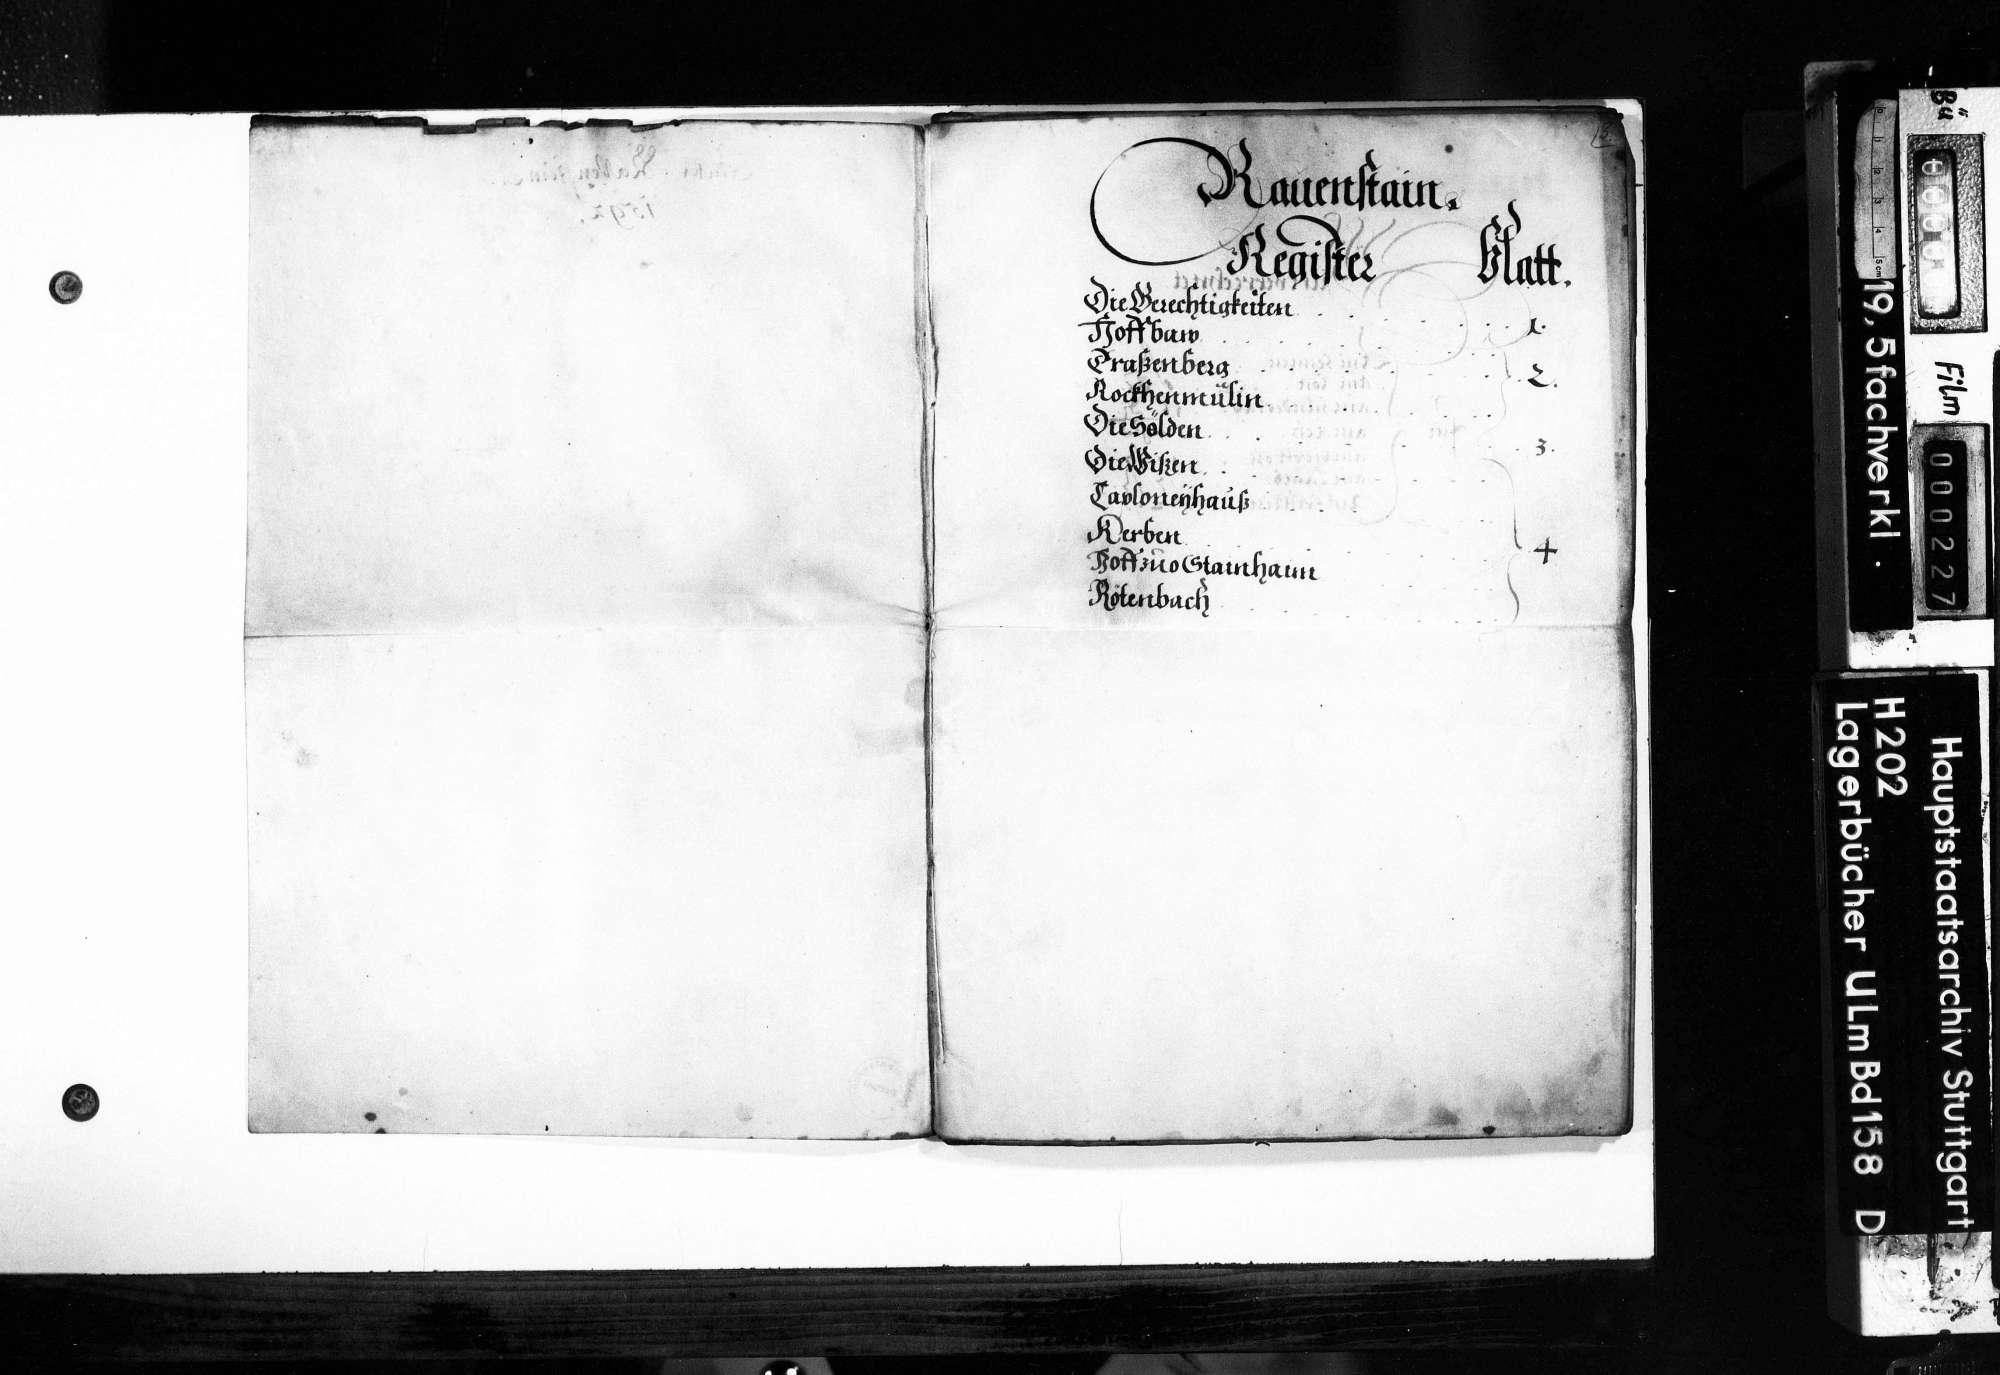 Verzeichnis der Gefälle und Abgaben von Ravenstein., Bild 3